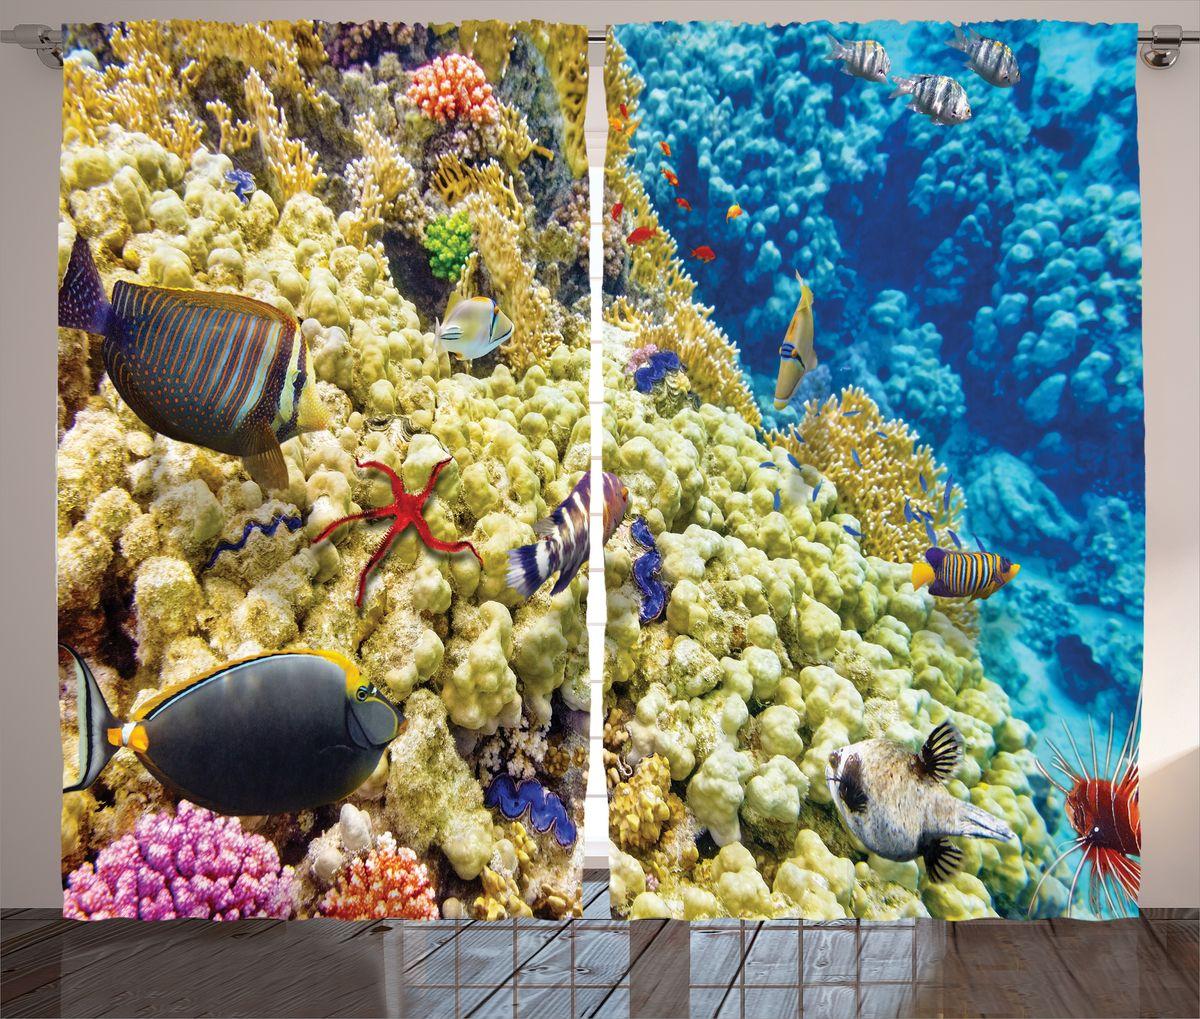 Комплект фотоштор Magic Lady Рыбы и кораллы, на ленте, высота 265 см. шсг_14606шсг_8341Компания Сэмболь изготавливает шторы из высококачественного сатена (полиэстер 100%). При изготовлении используются специальные гипоаллергенные чернила для прямой печати по ткани, безопасные для человека и животных. Экологичность продукции Magic lady и безопасность для окружающей среды подтверждены сертификатом Oeko-Tex Standard 100. Крепление: крючки для крепления на шторной ленте (50 шт). Возможно крепление на трубу. Внимание! При нанесении сублимационной печати на ткань технологическим методом при температуре 240°С, возможно отклонение полученных размеров (указанных на этикетке и сайте) от стандартных на + - 3-5 см. Производитель старается максимально точно передать цвета изделия на фотографиях, однако искажения неизбежны и фактический цвет изделия может отличаться от воспринимаемого по фото. Обратите внимание! Шторы изготовлены из полиэстра сатенового переплетения, а не из сатина (хлопок). Размер одного полотна шторы: 145х265 см. В комплекте 2 полотна шторы и 50 крючков.